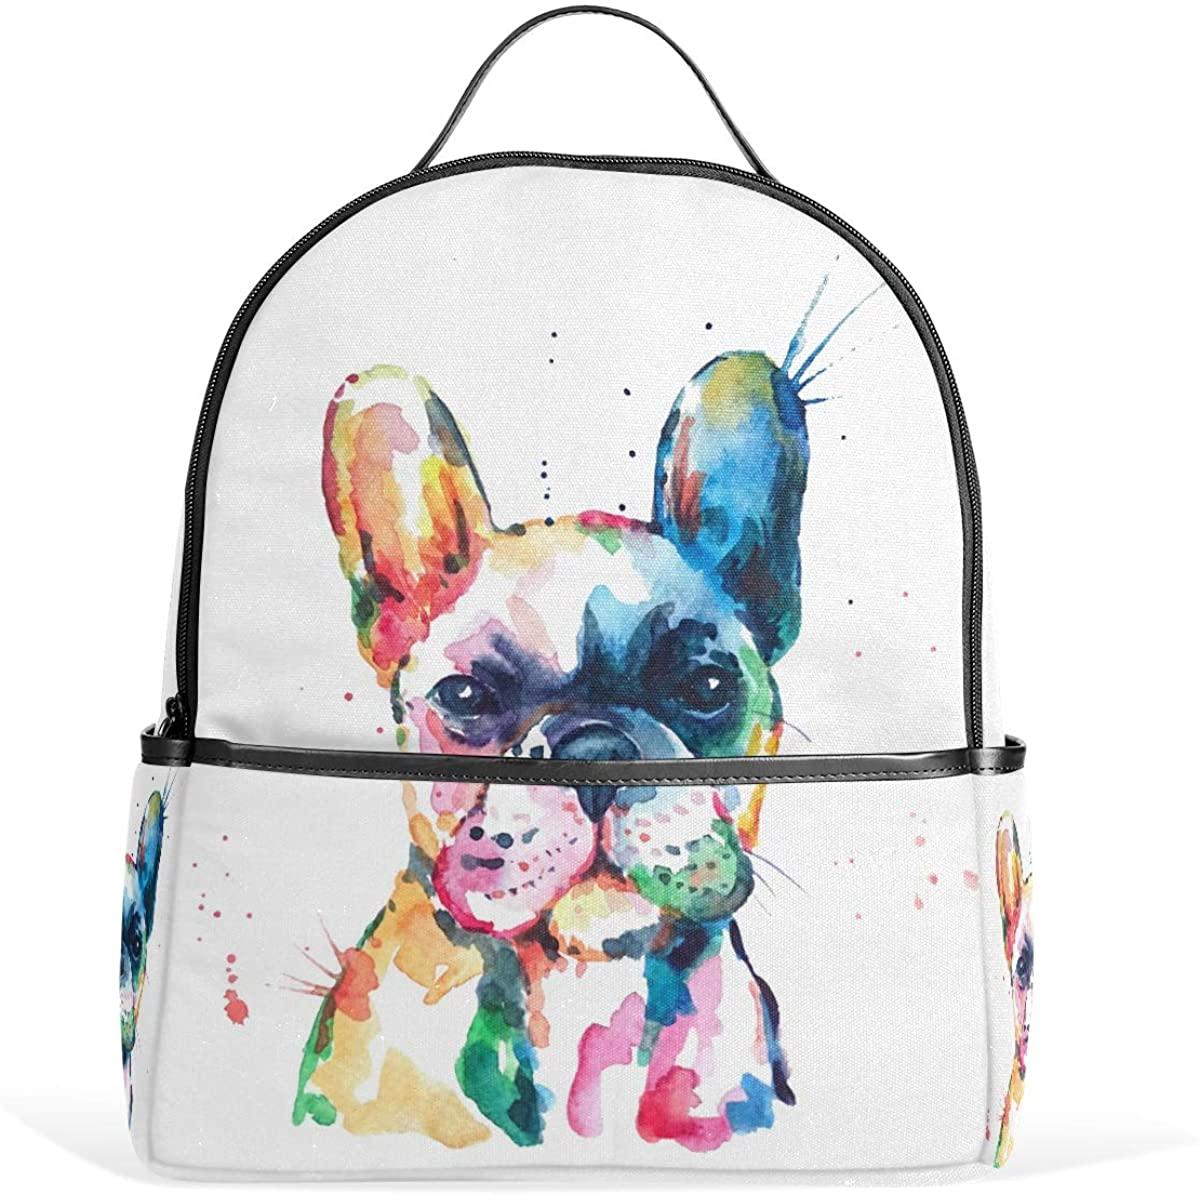 Turtle Backpack Bookbags Daypack Kids Boys Animal Backpacks Laptop Bags School